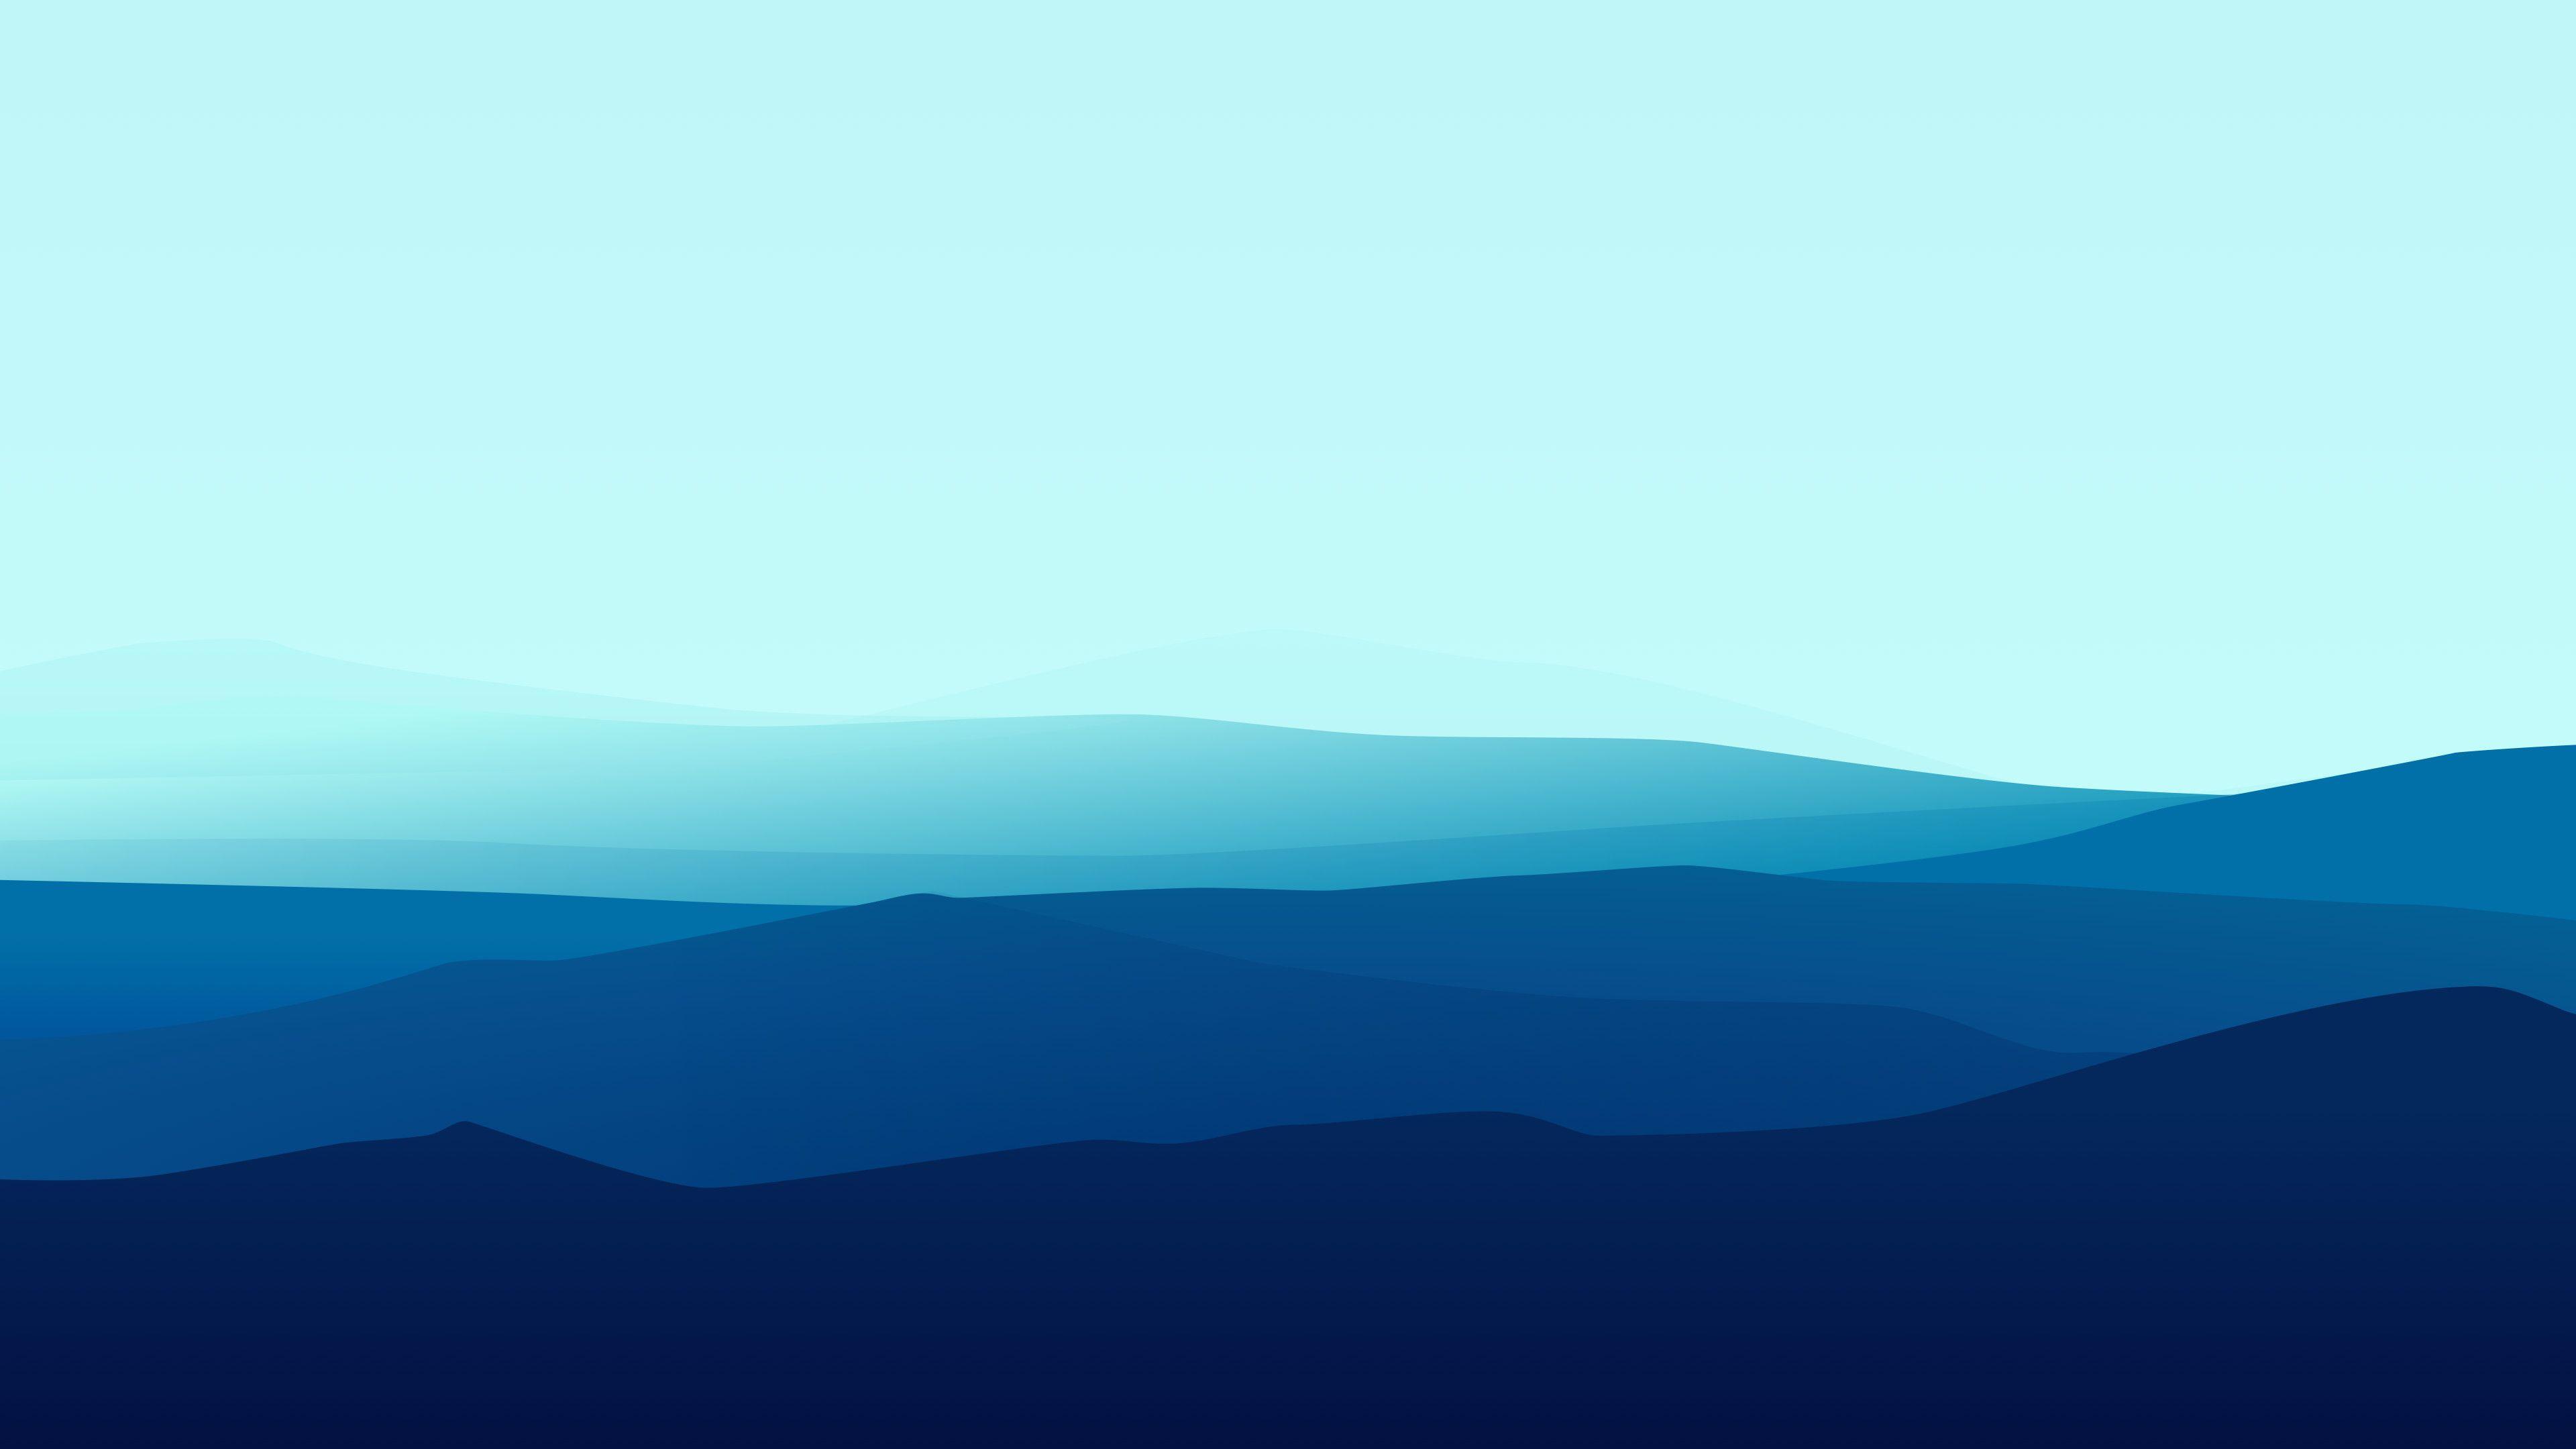 Minimalist Windows Wallpapers - Top Free Minimalist ...